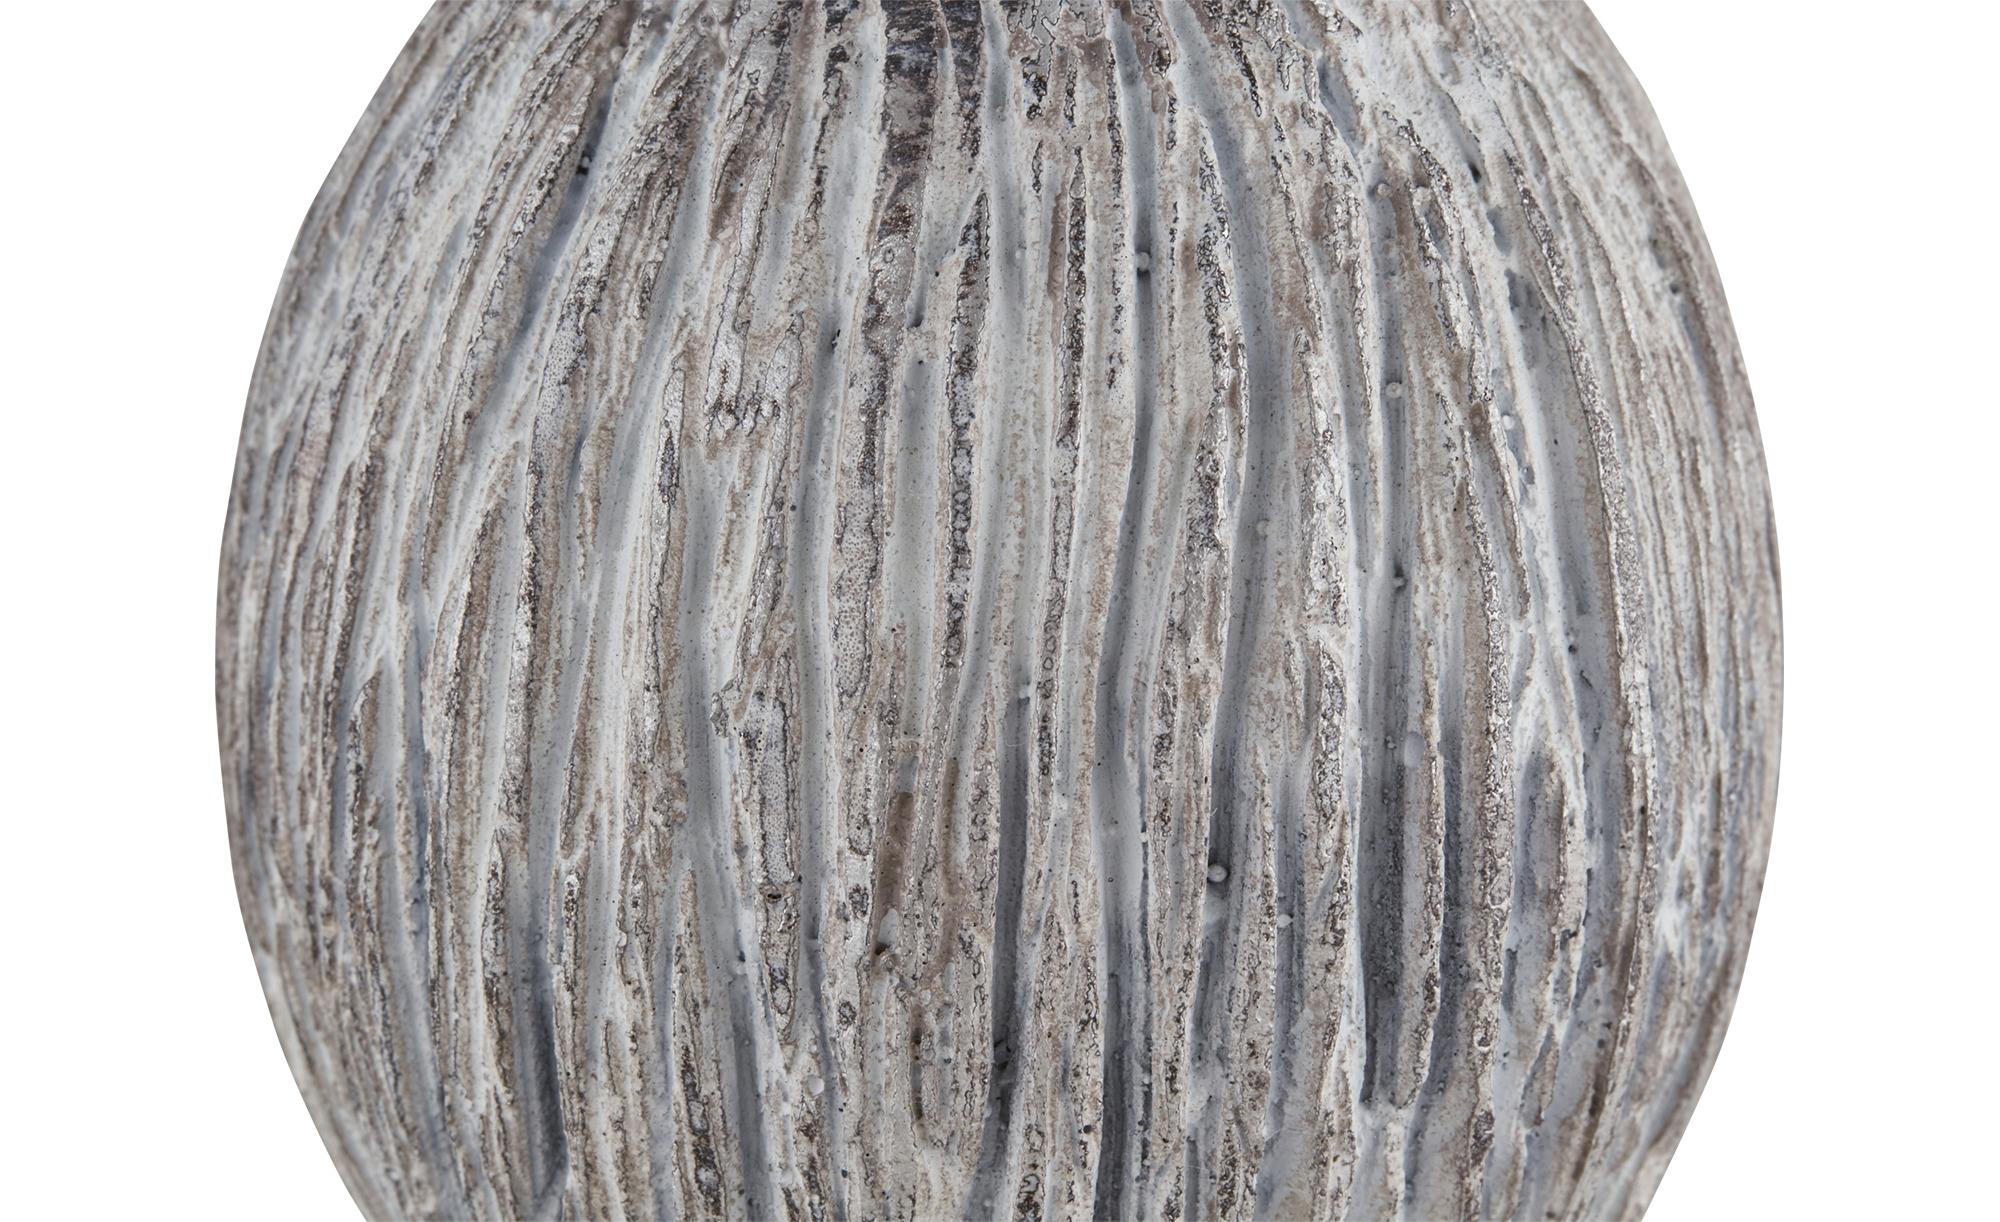 Kerzenständer ¦ weiß ¦ Polyresin (Kunstharz) ¦ Maße (cm): B: 11 H: 30 T: 11 Dekoration > Kerzen & Lichter > Kerzenständer - Höffner | Dekoration > Kerzen und Kerzenständer | Weiß | Möbel Höffner DE